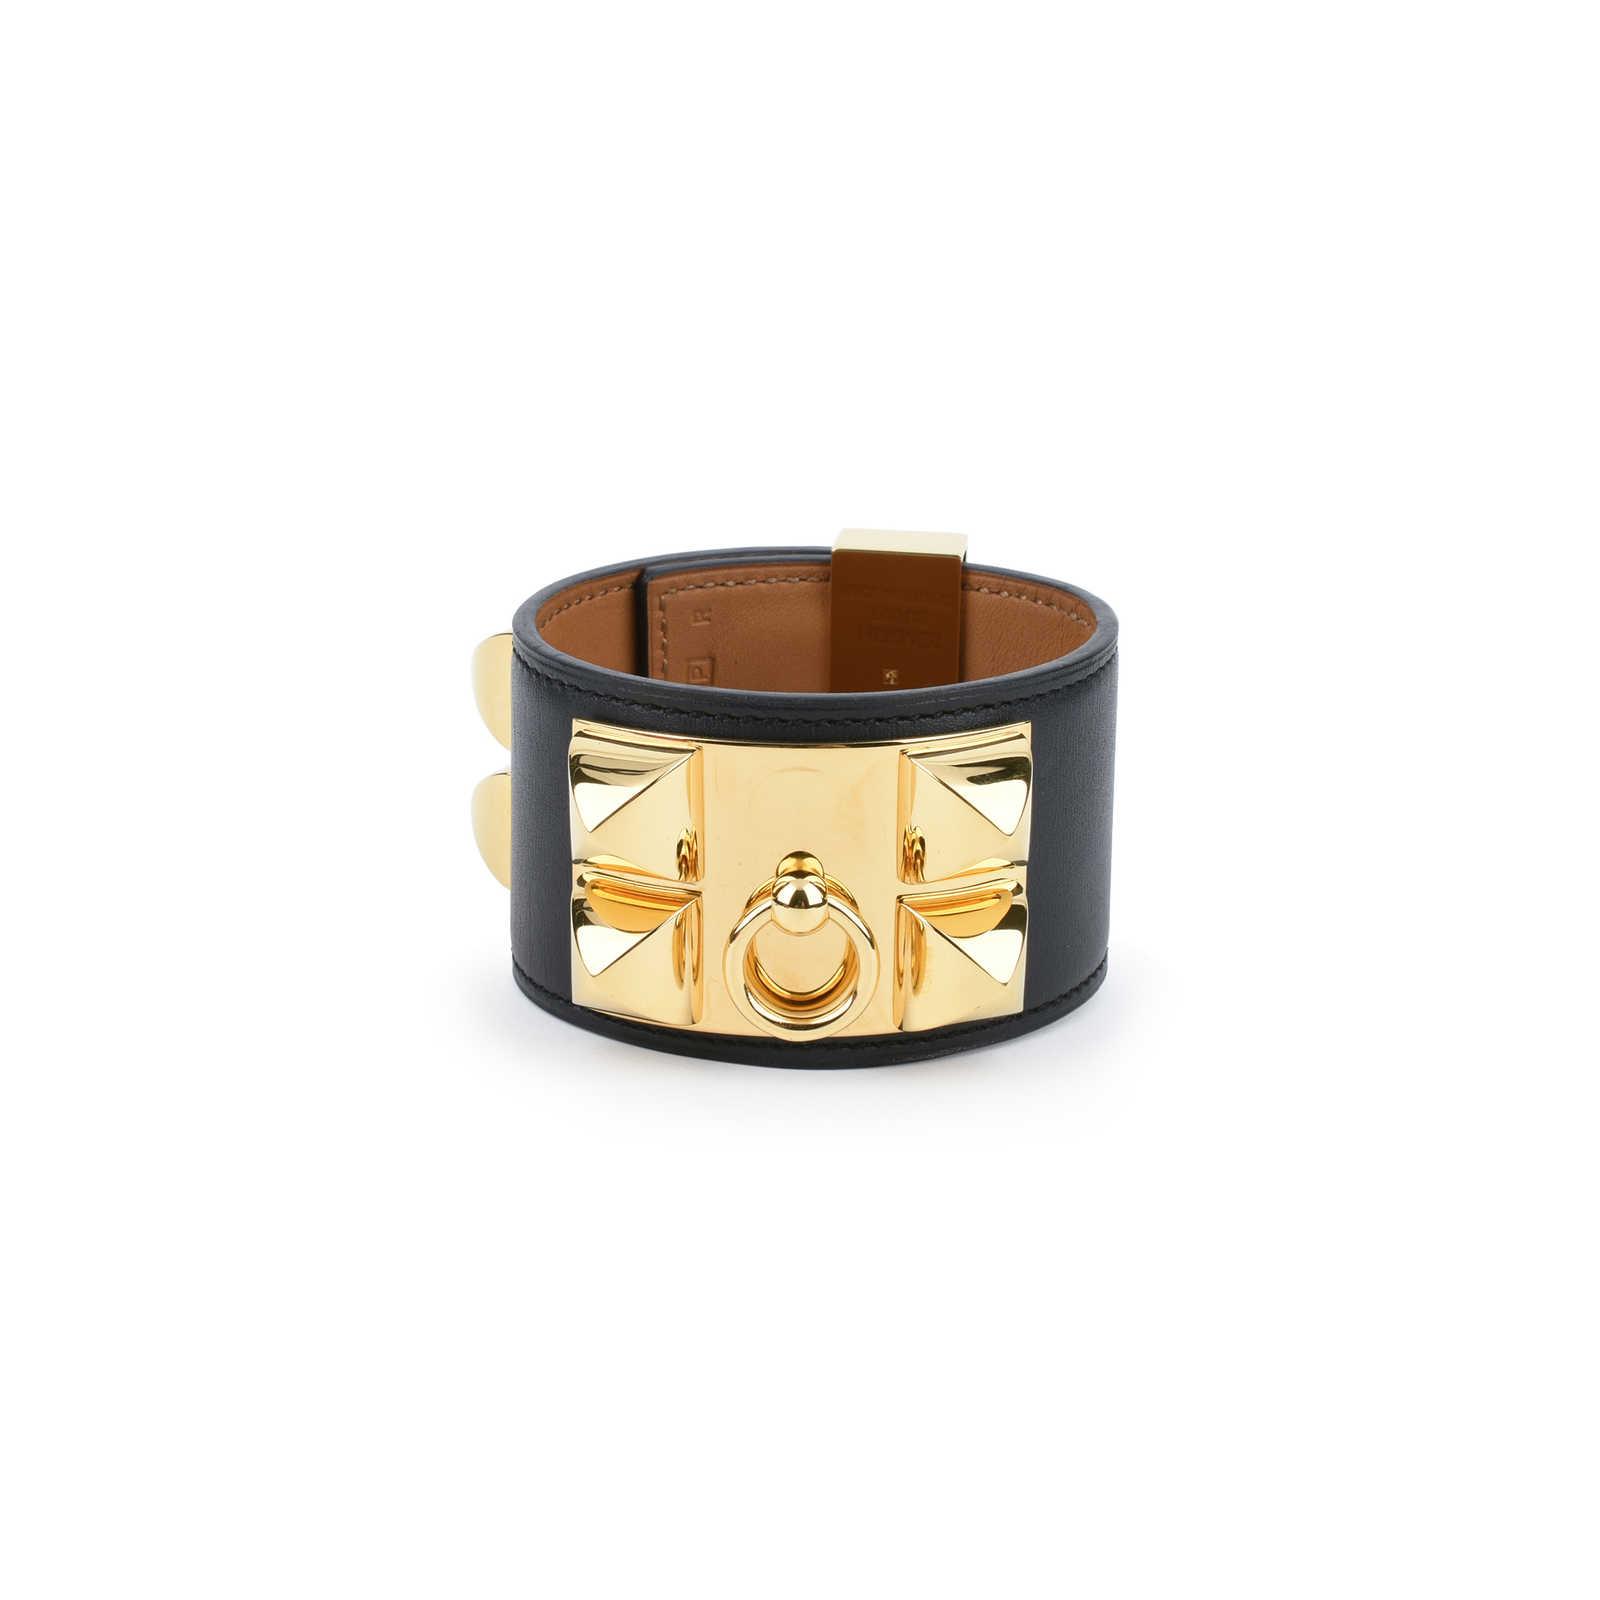 Authentic Pre Owned Hermès Collier De Chien Bracelet Pss 420 00019